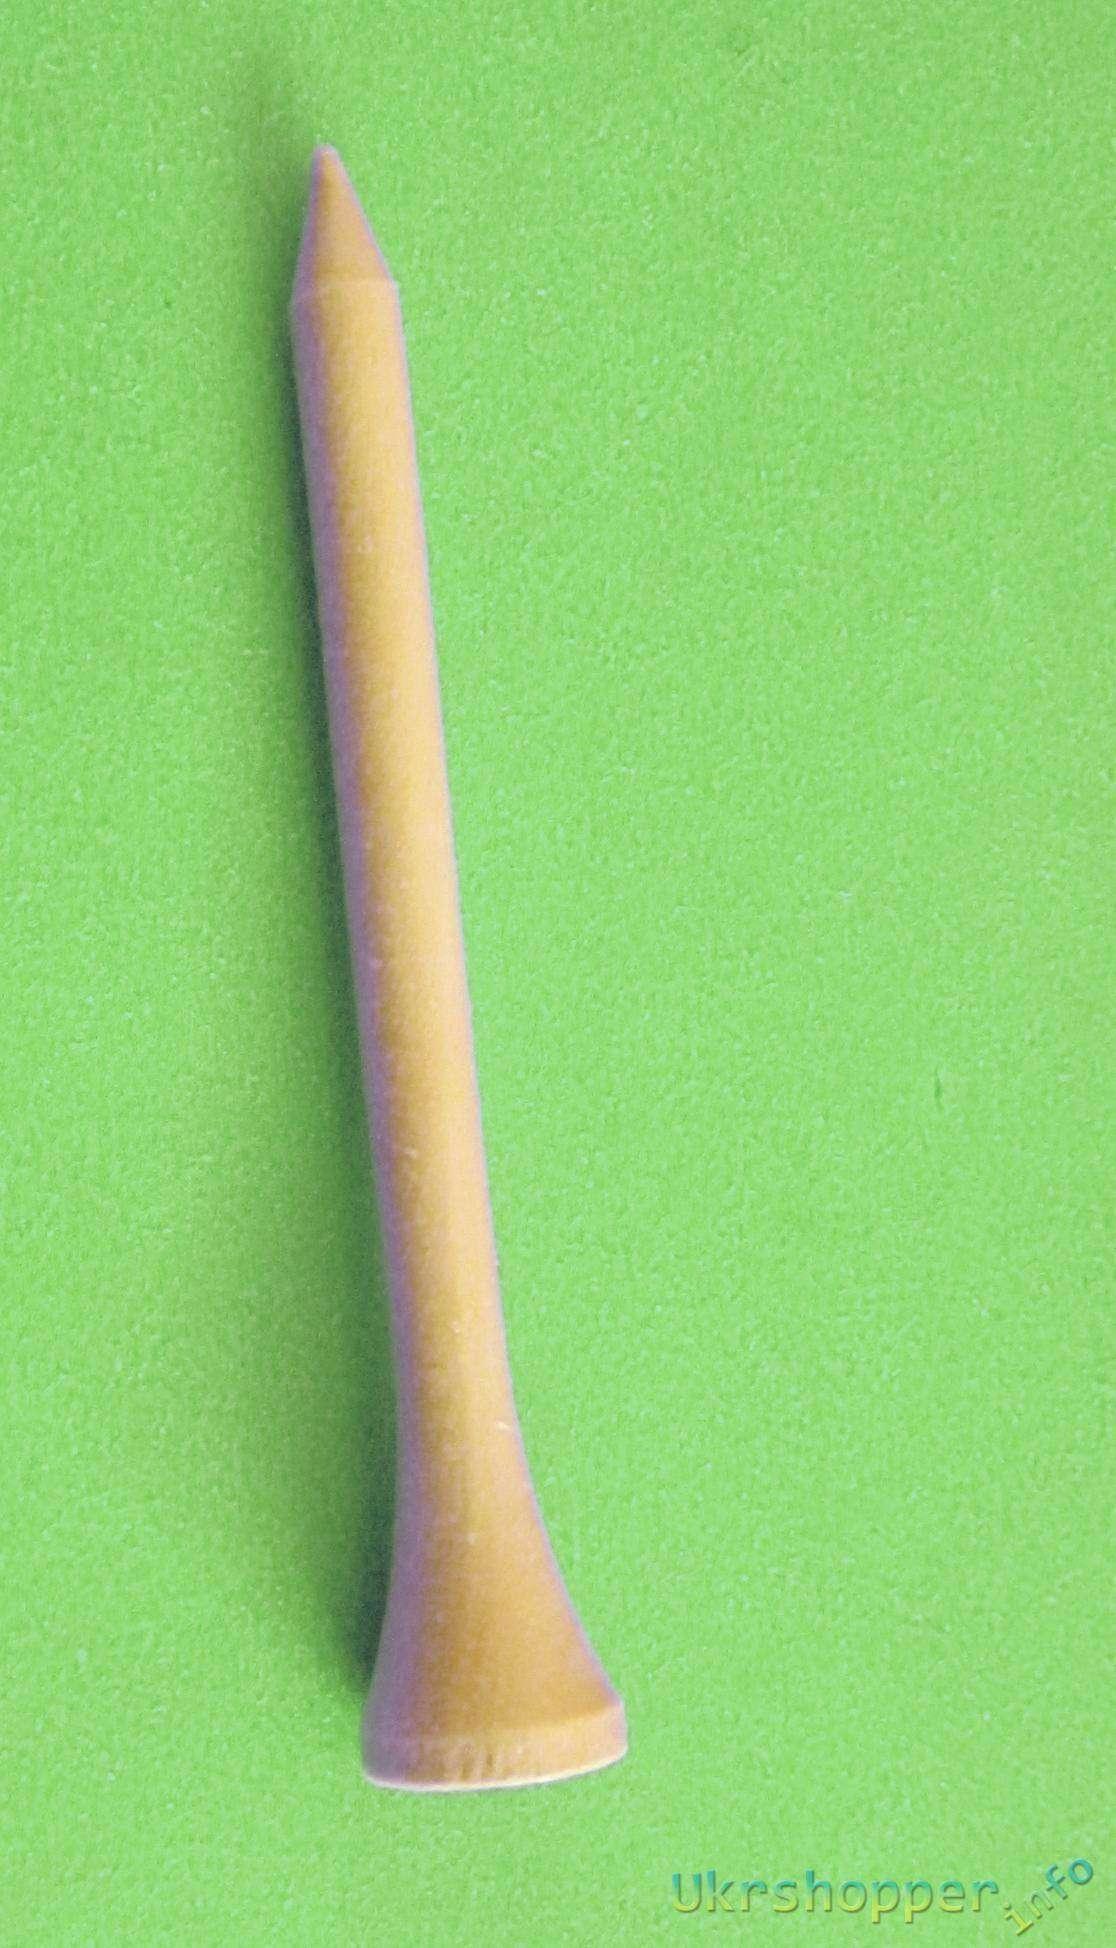 Aliexpress: Обзор подставок под шарик для гольфа и для развития ребенка